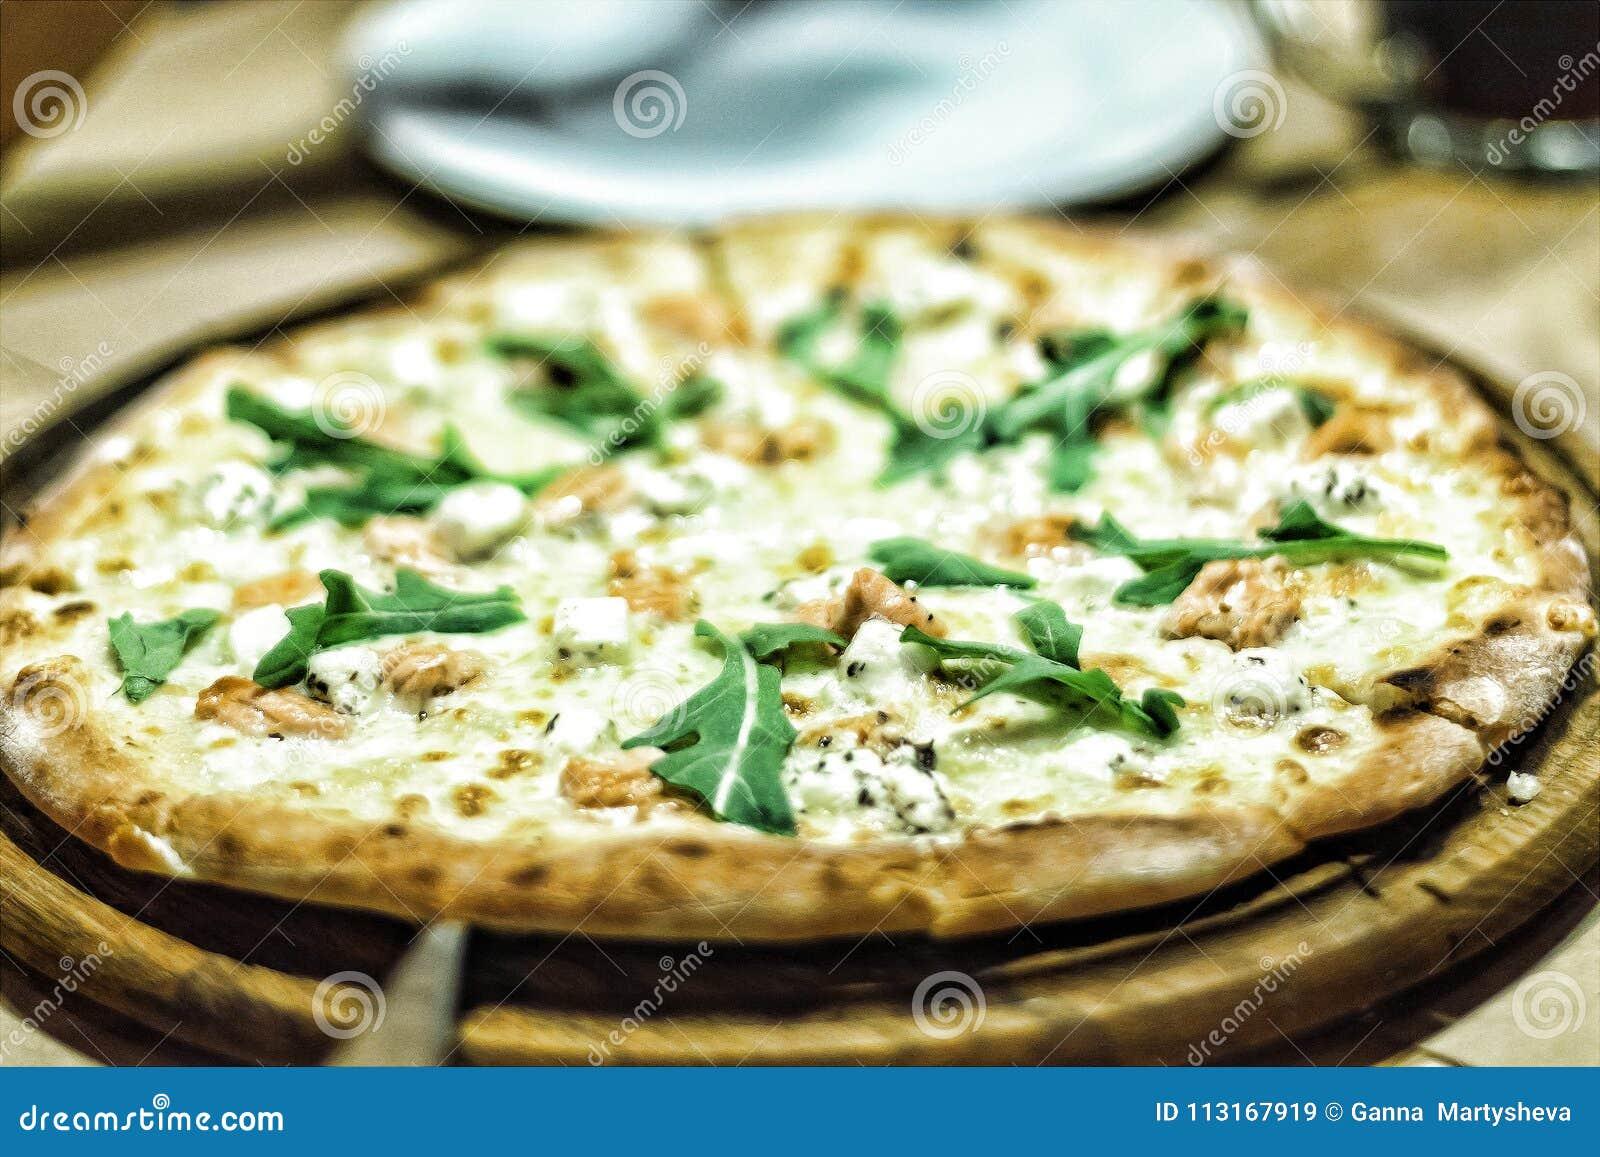 Pizza, geschmackvoll, Lebensmittel, Lachs, köstlich, Abendessen, Mittagessen, Teig, aru